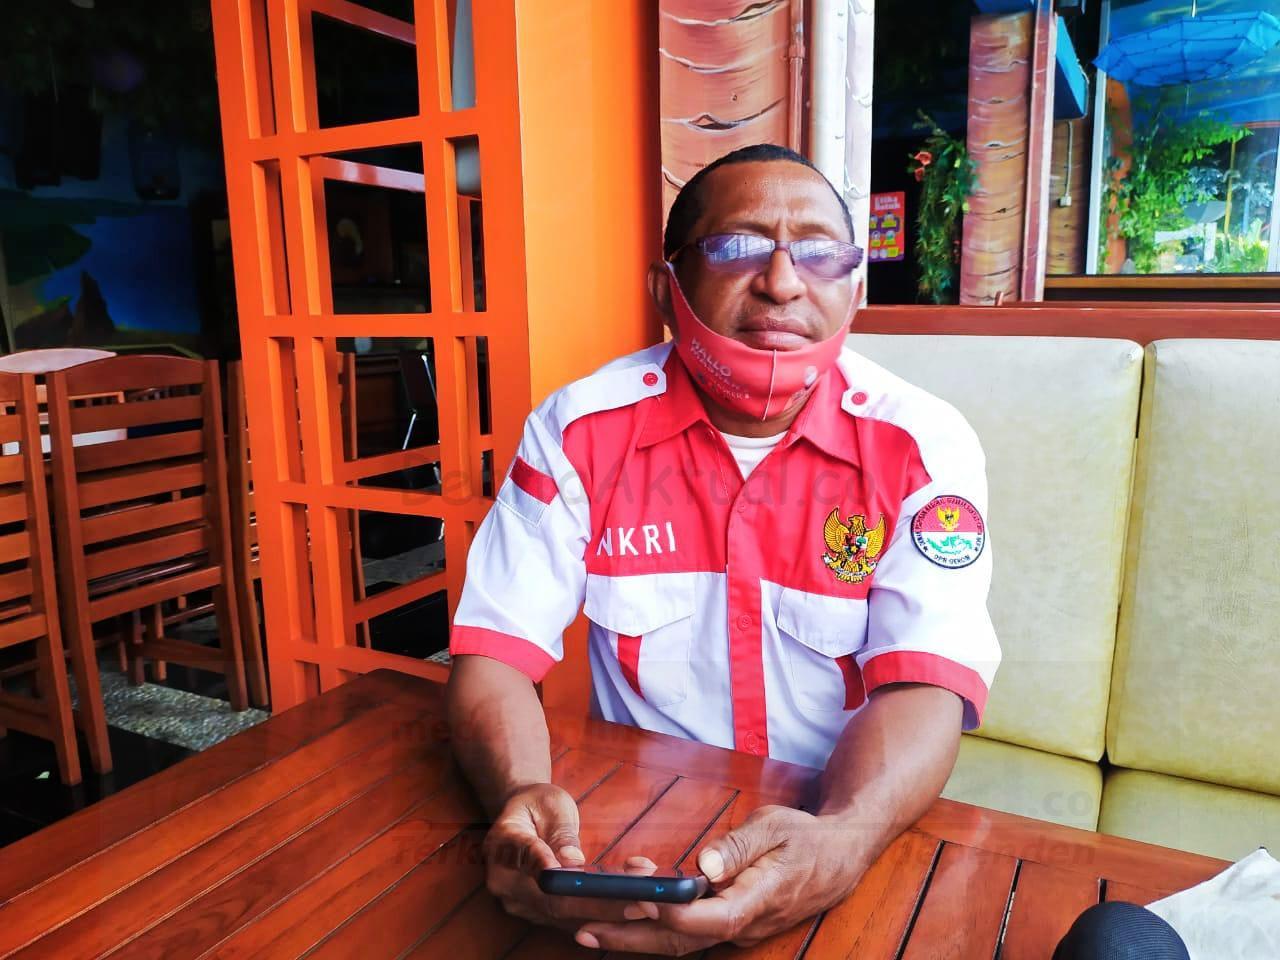 Sesalkan Aksi HUT West Papua, Ketua Gercin PB: Generasi Muda Jangan Terjebak Isu Papua Merdeka 5 IMG 20201127 WA0043